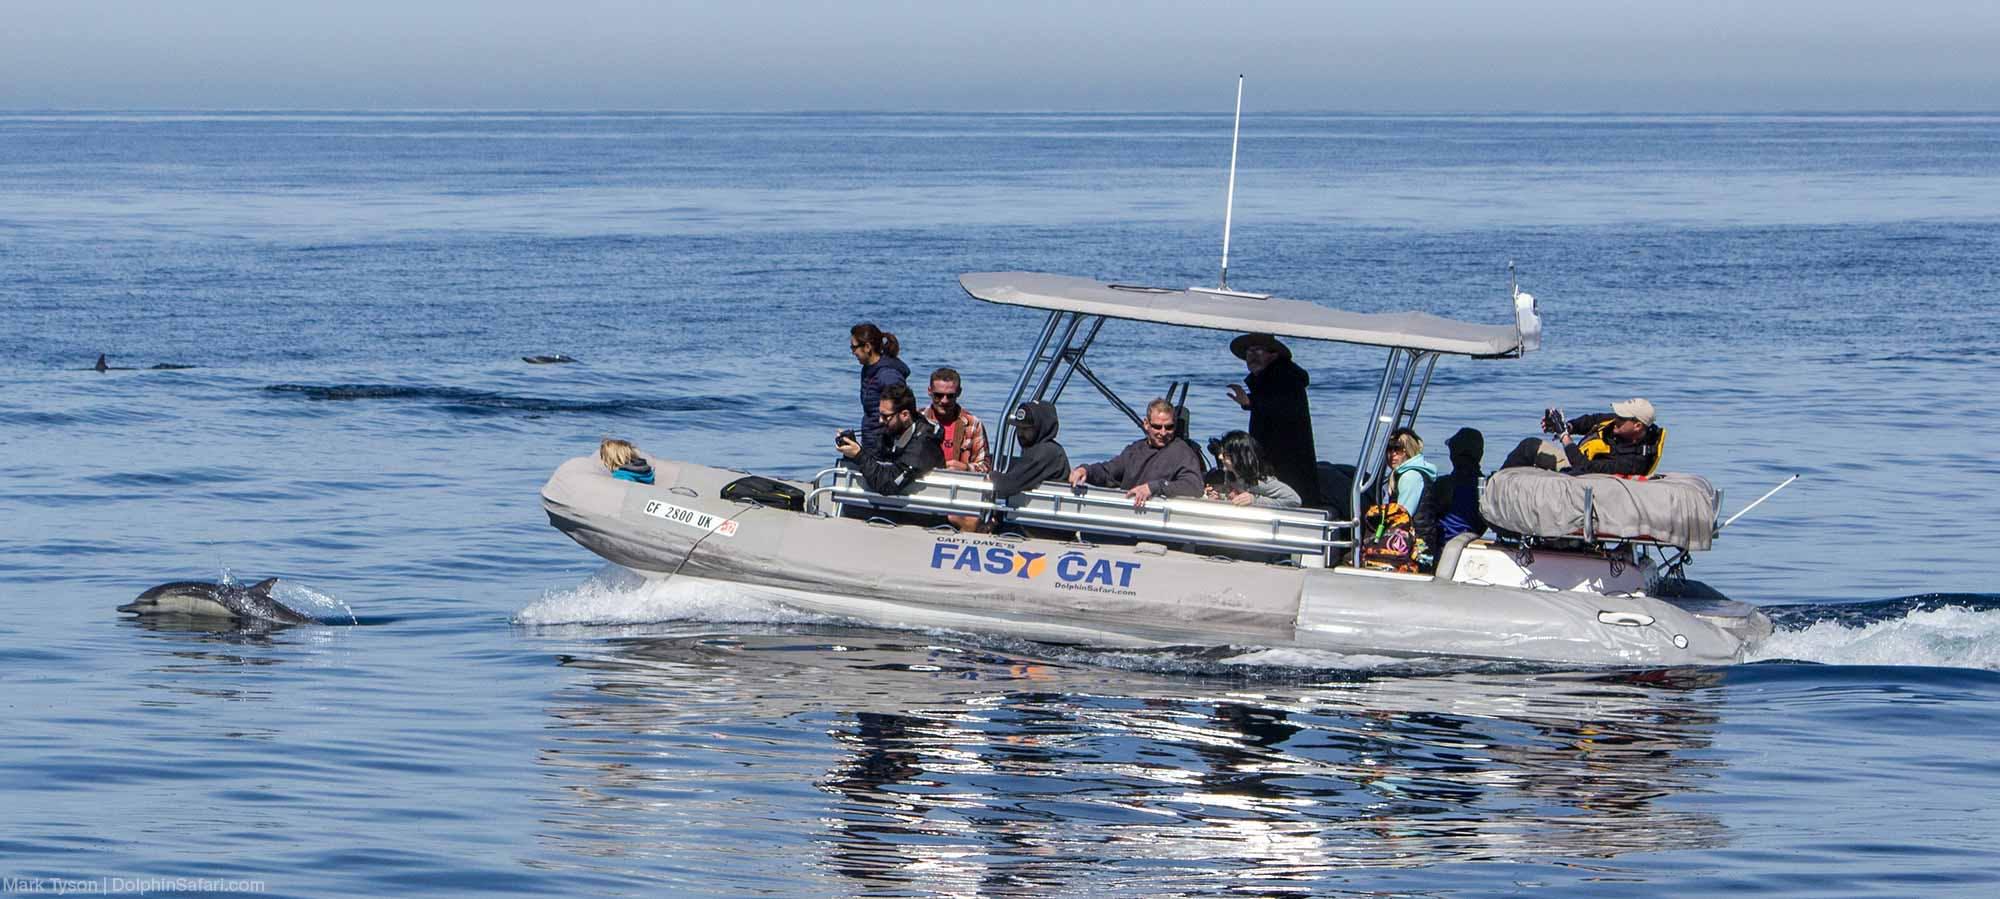 Fast Cat boat